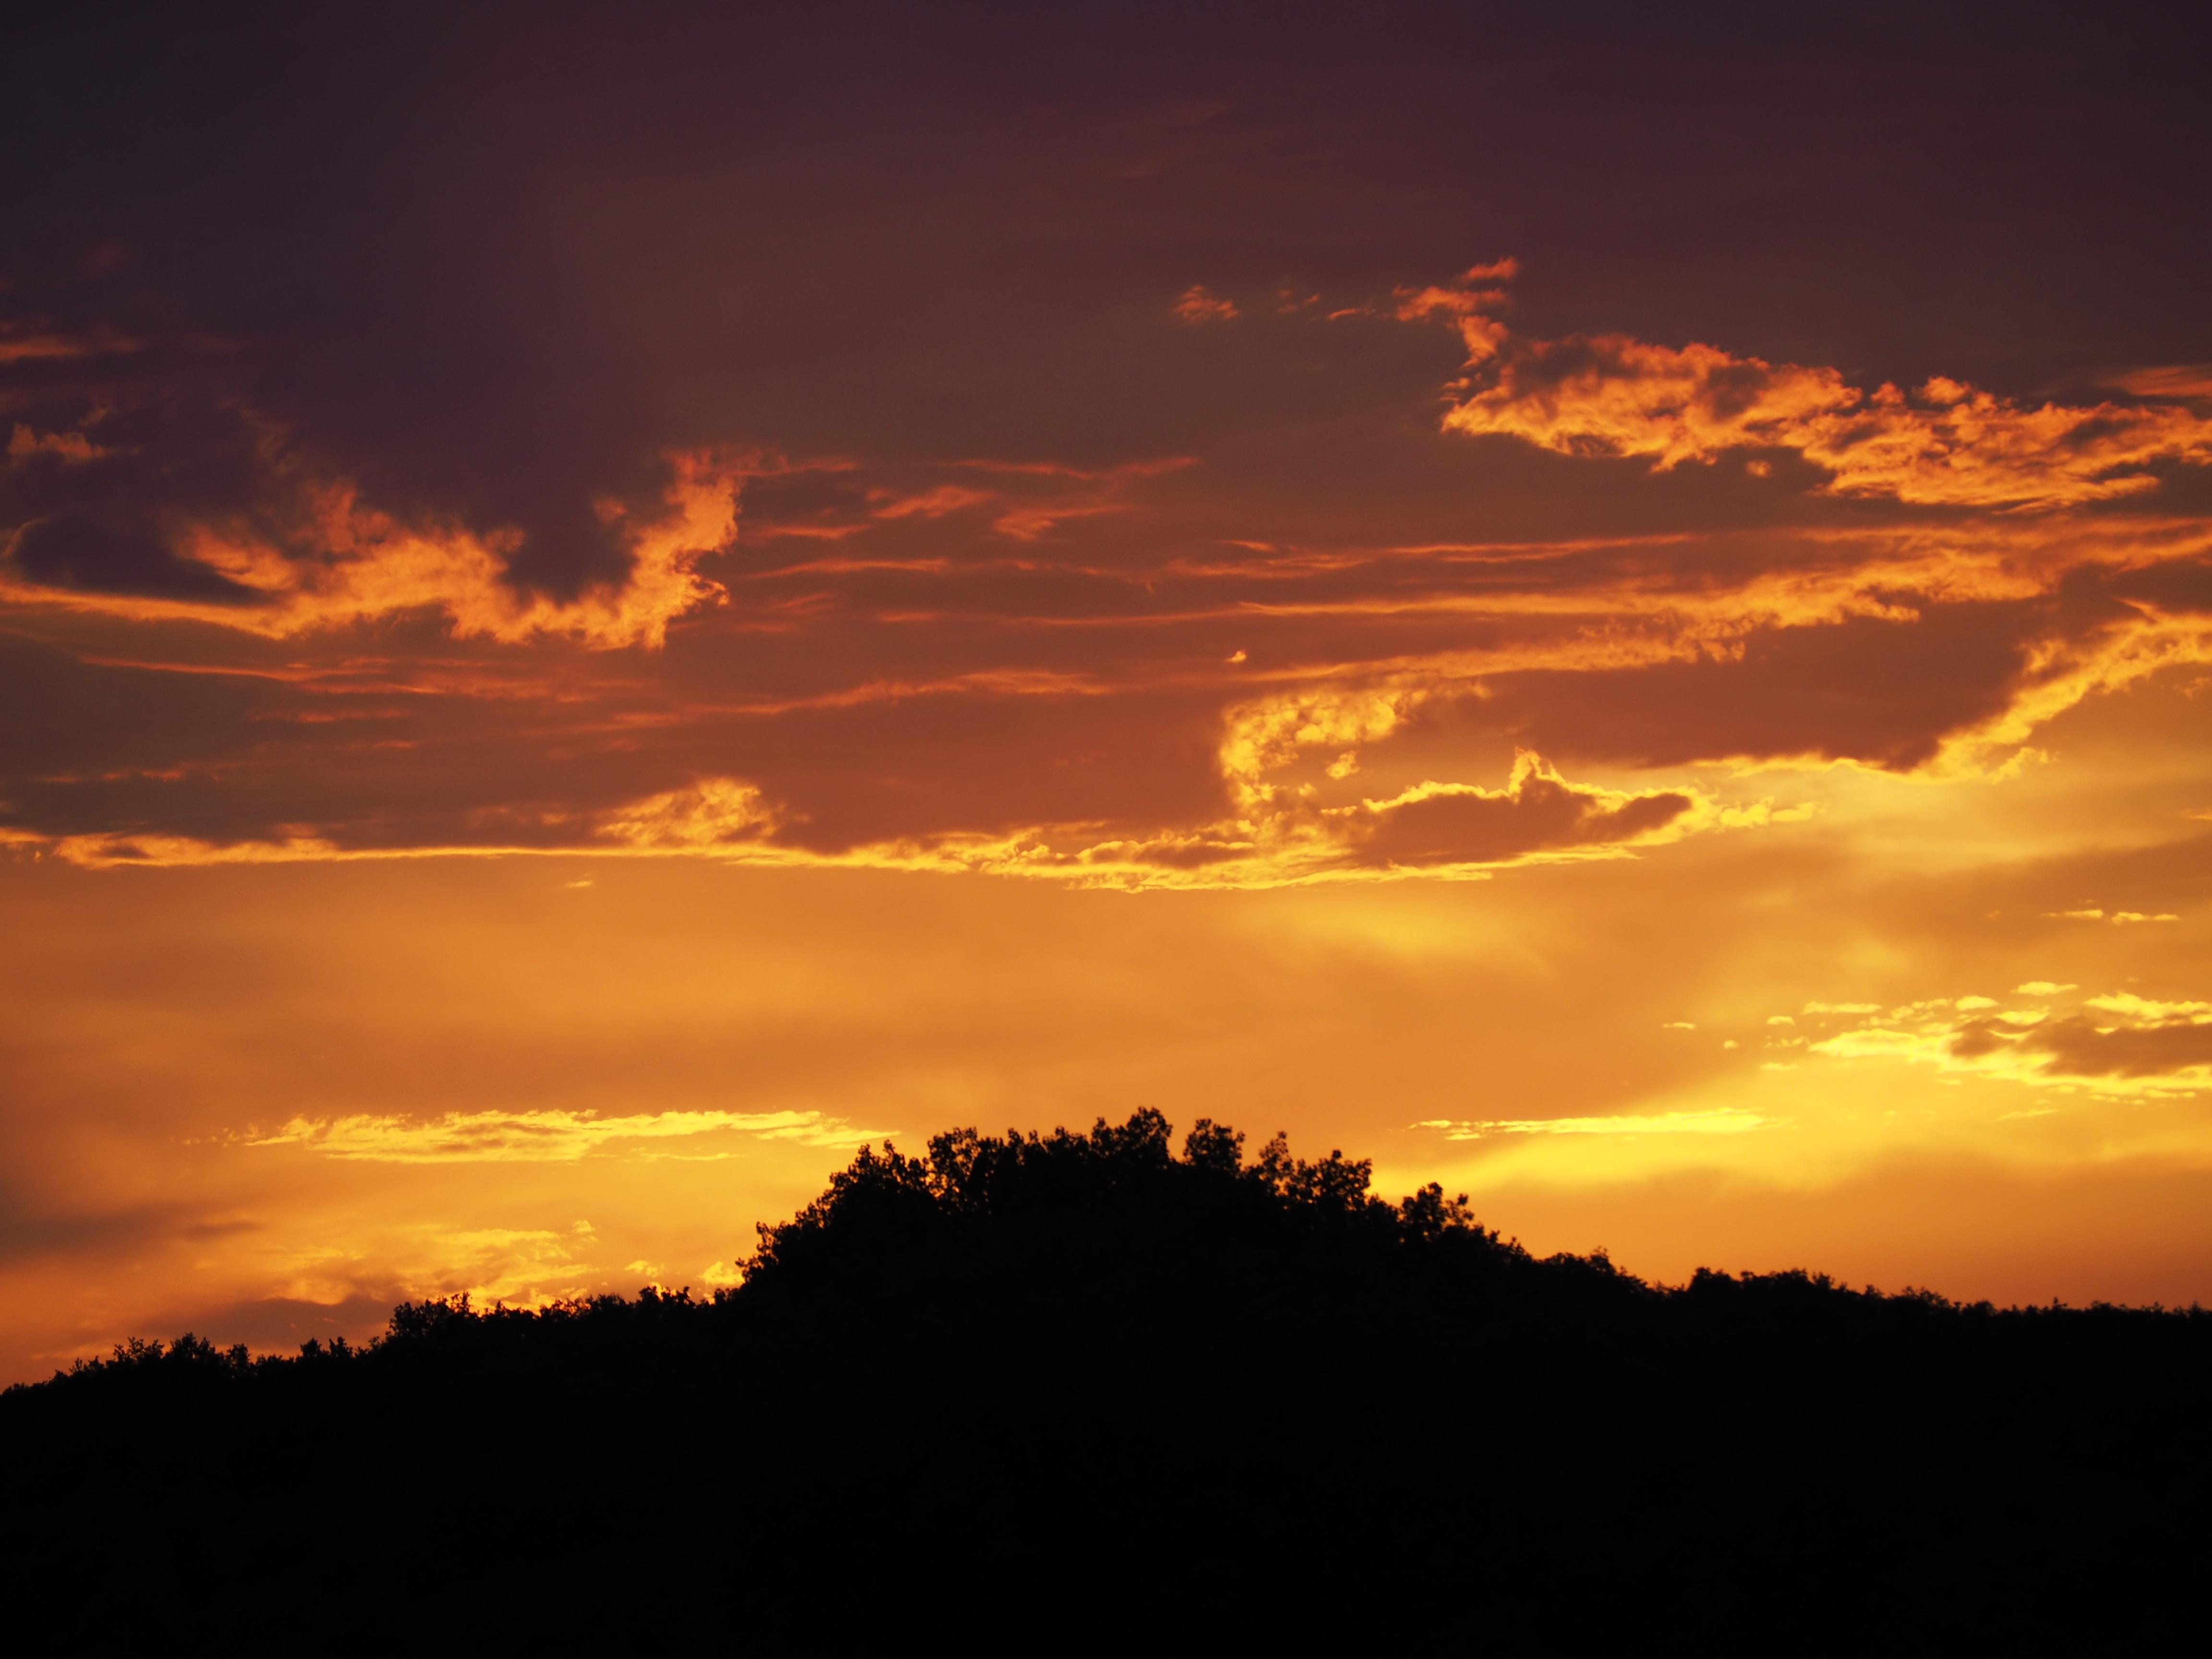 soleil couchant 2.JPG